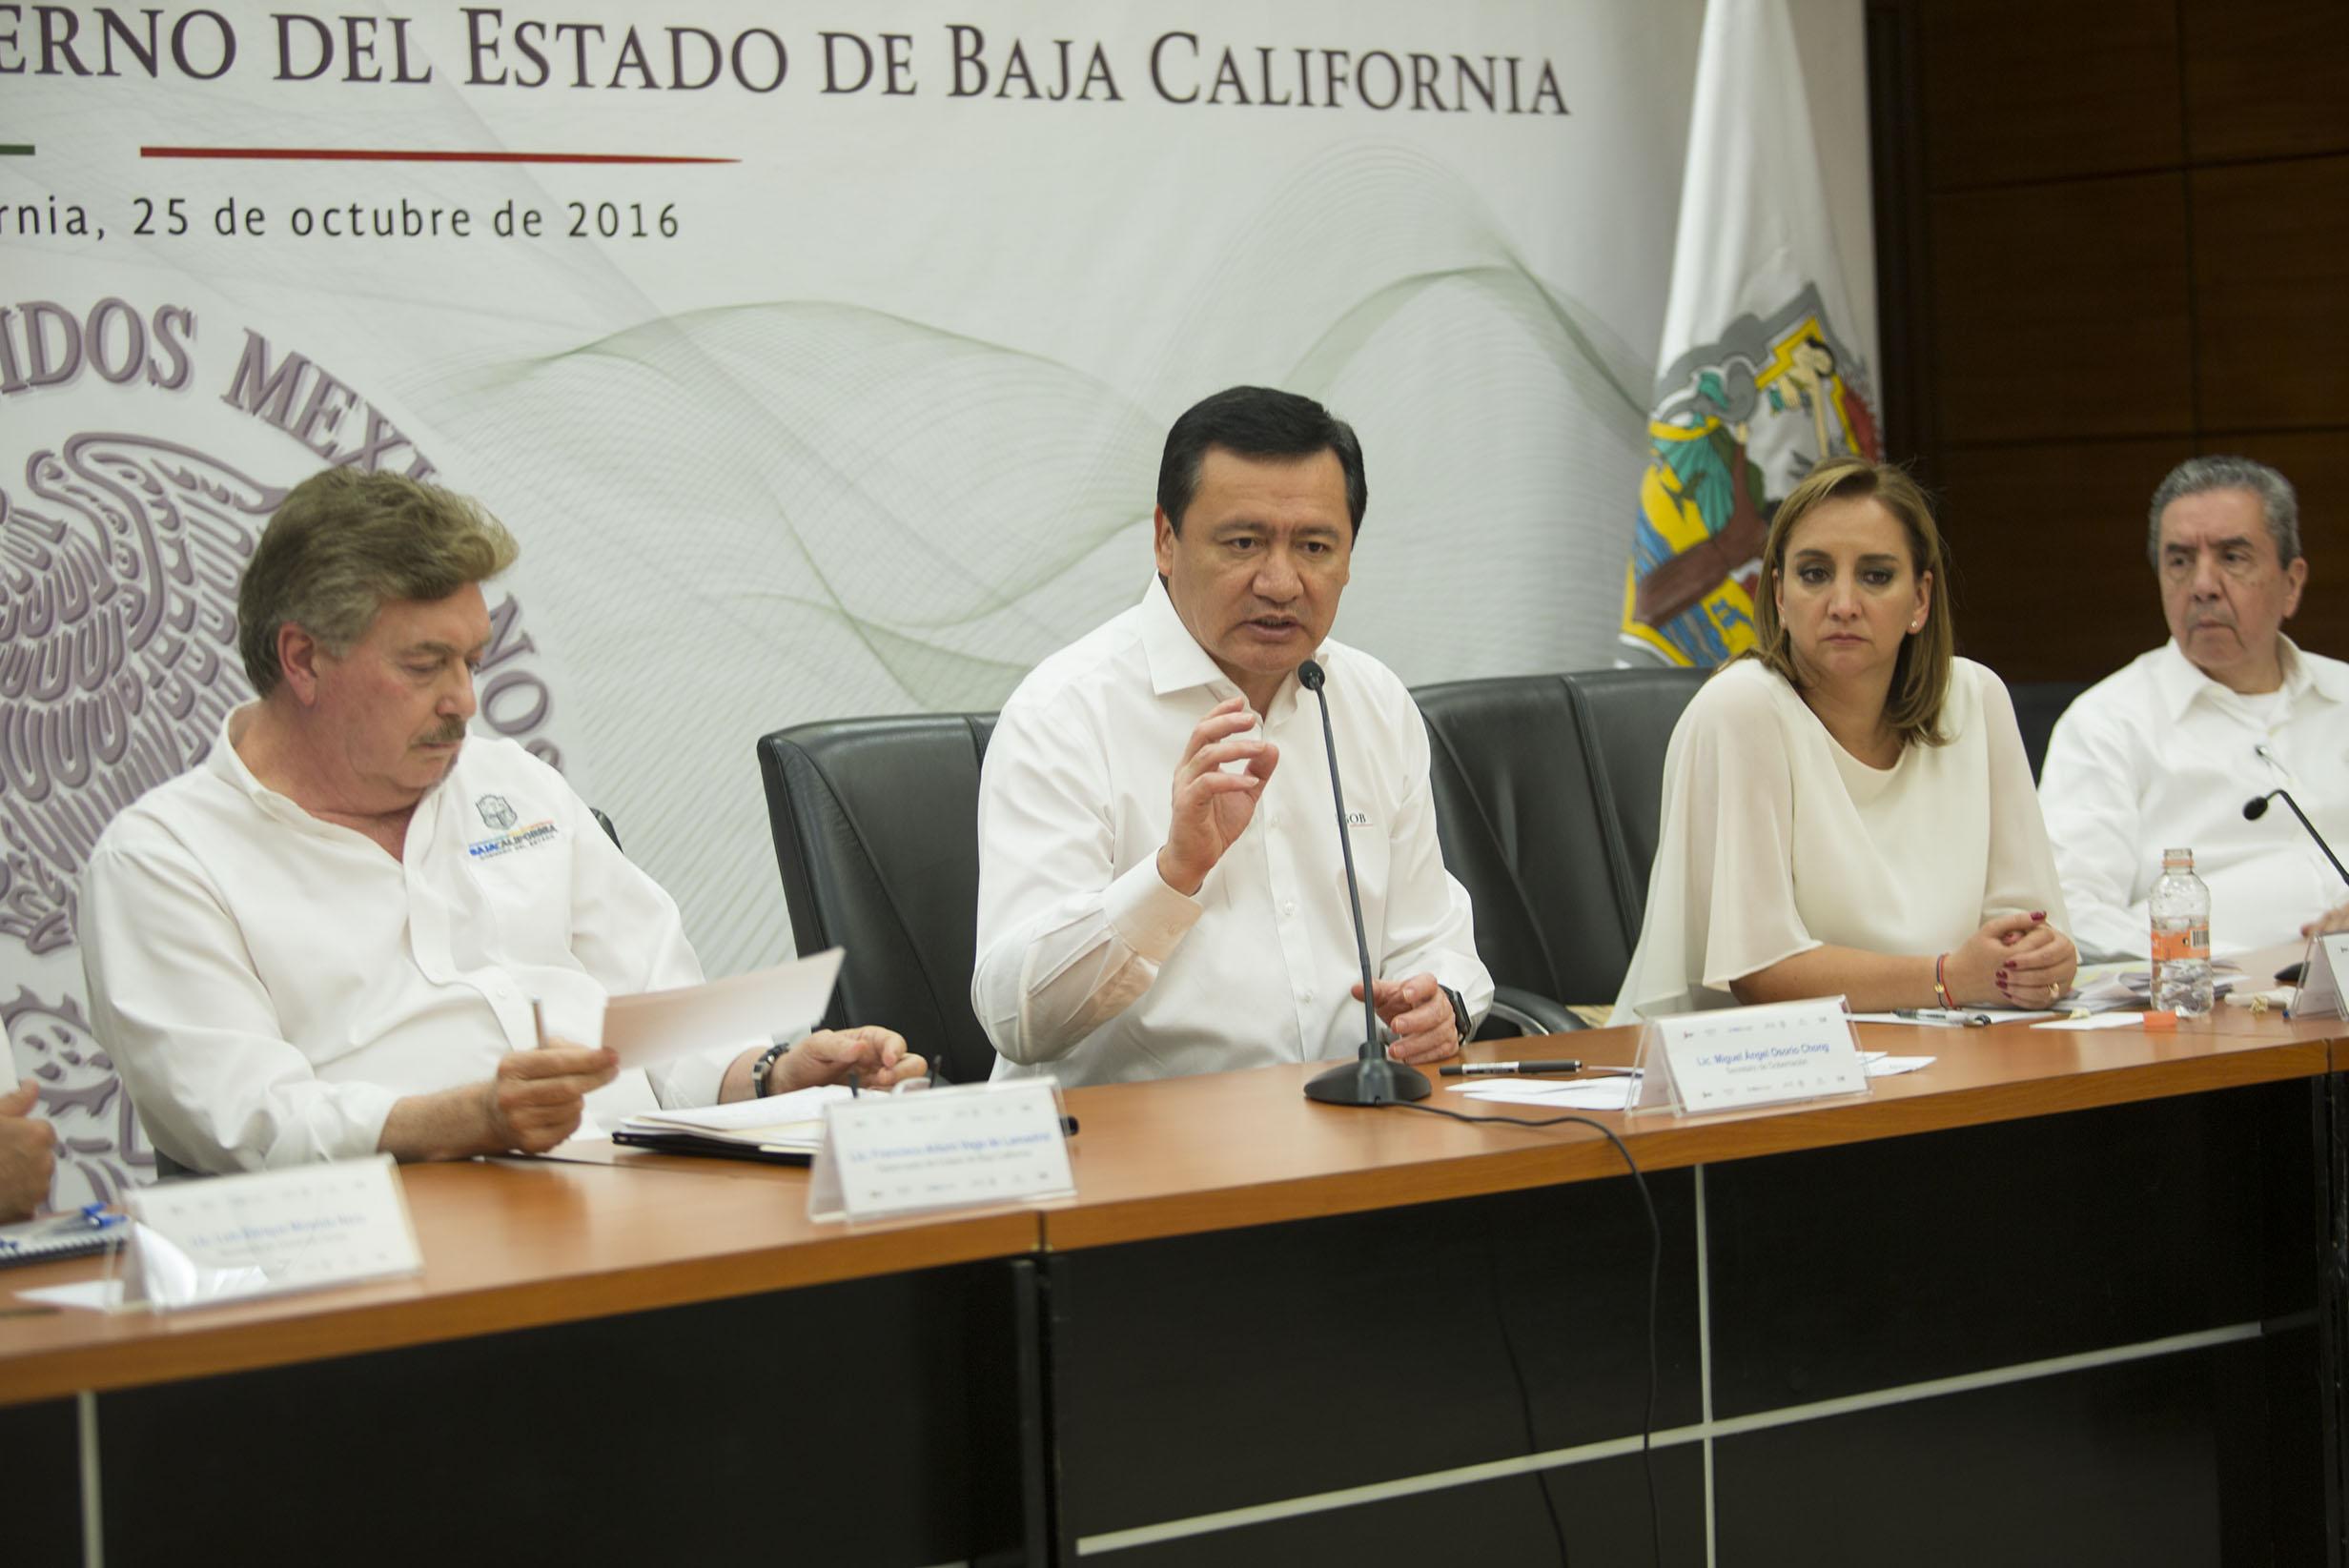 La Canciller Claudia Ruiz Massieu realizó una gira de trabajo por el estado de Baja California junto al Secretario de Gobernación Miguel Ángel Osorio Chong y el Secretario de Desarrollo Social Luis Miranda Nava para atender la situación de migrantes haiti